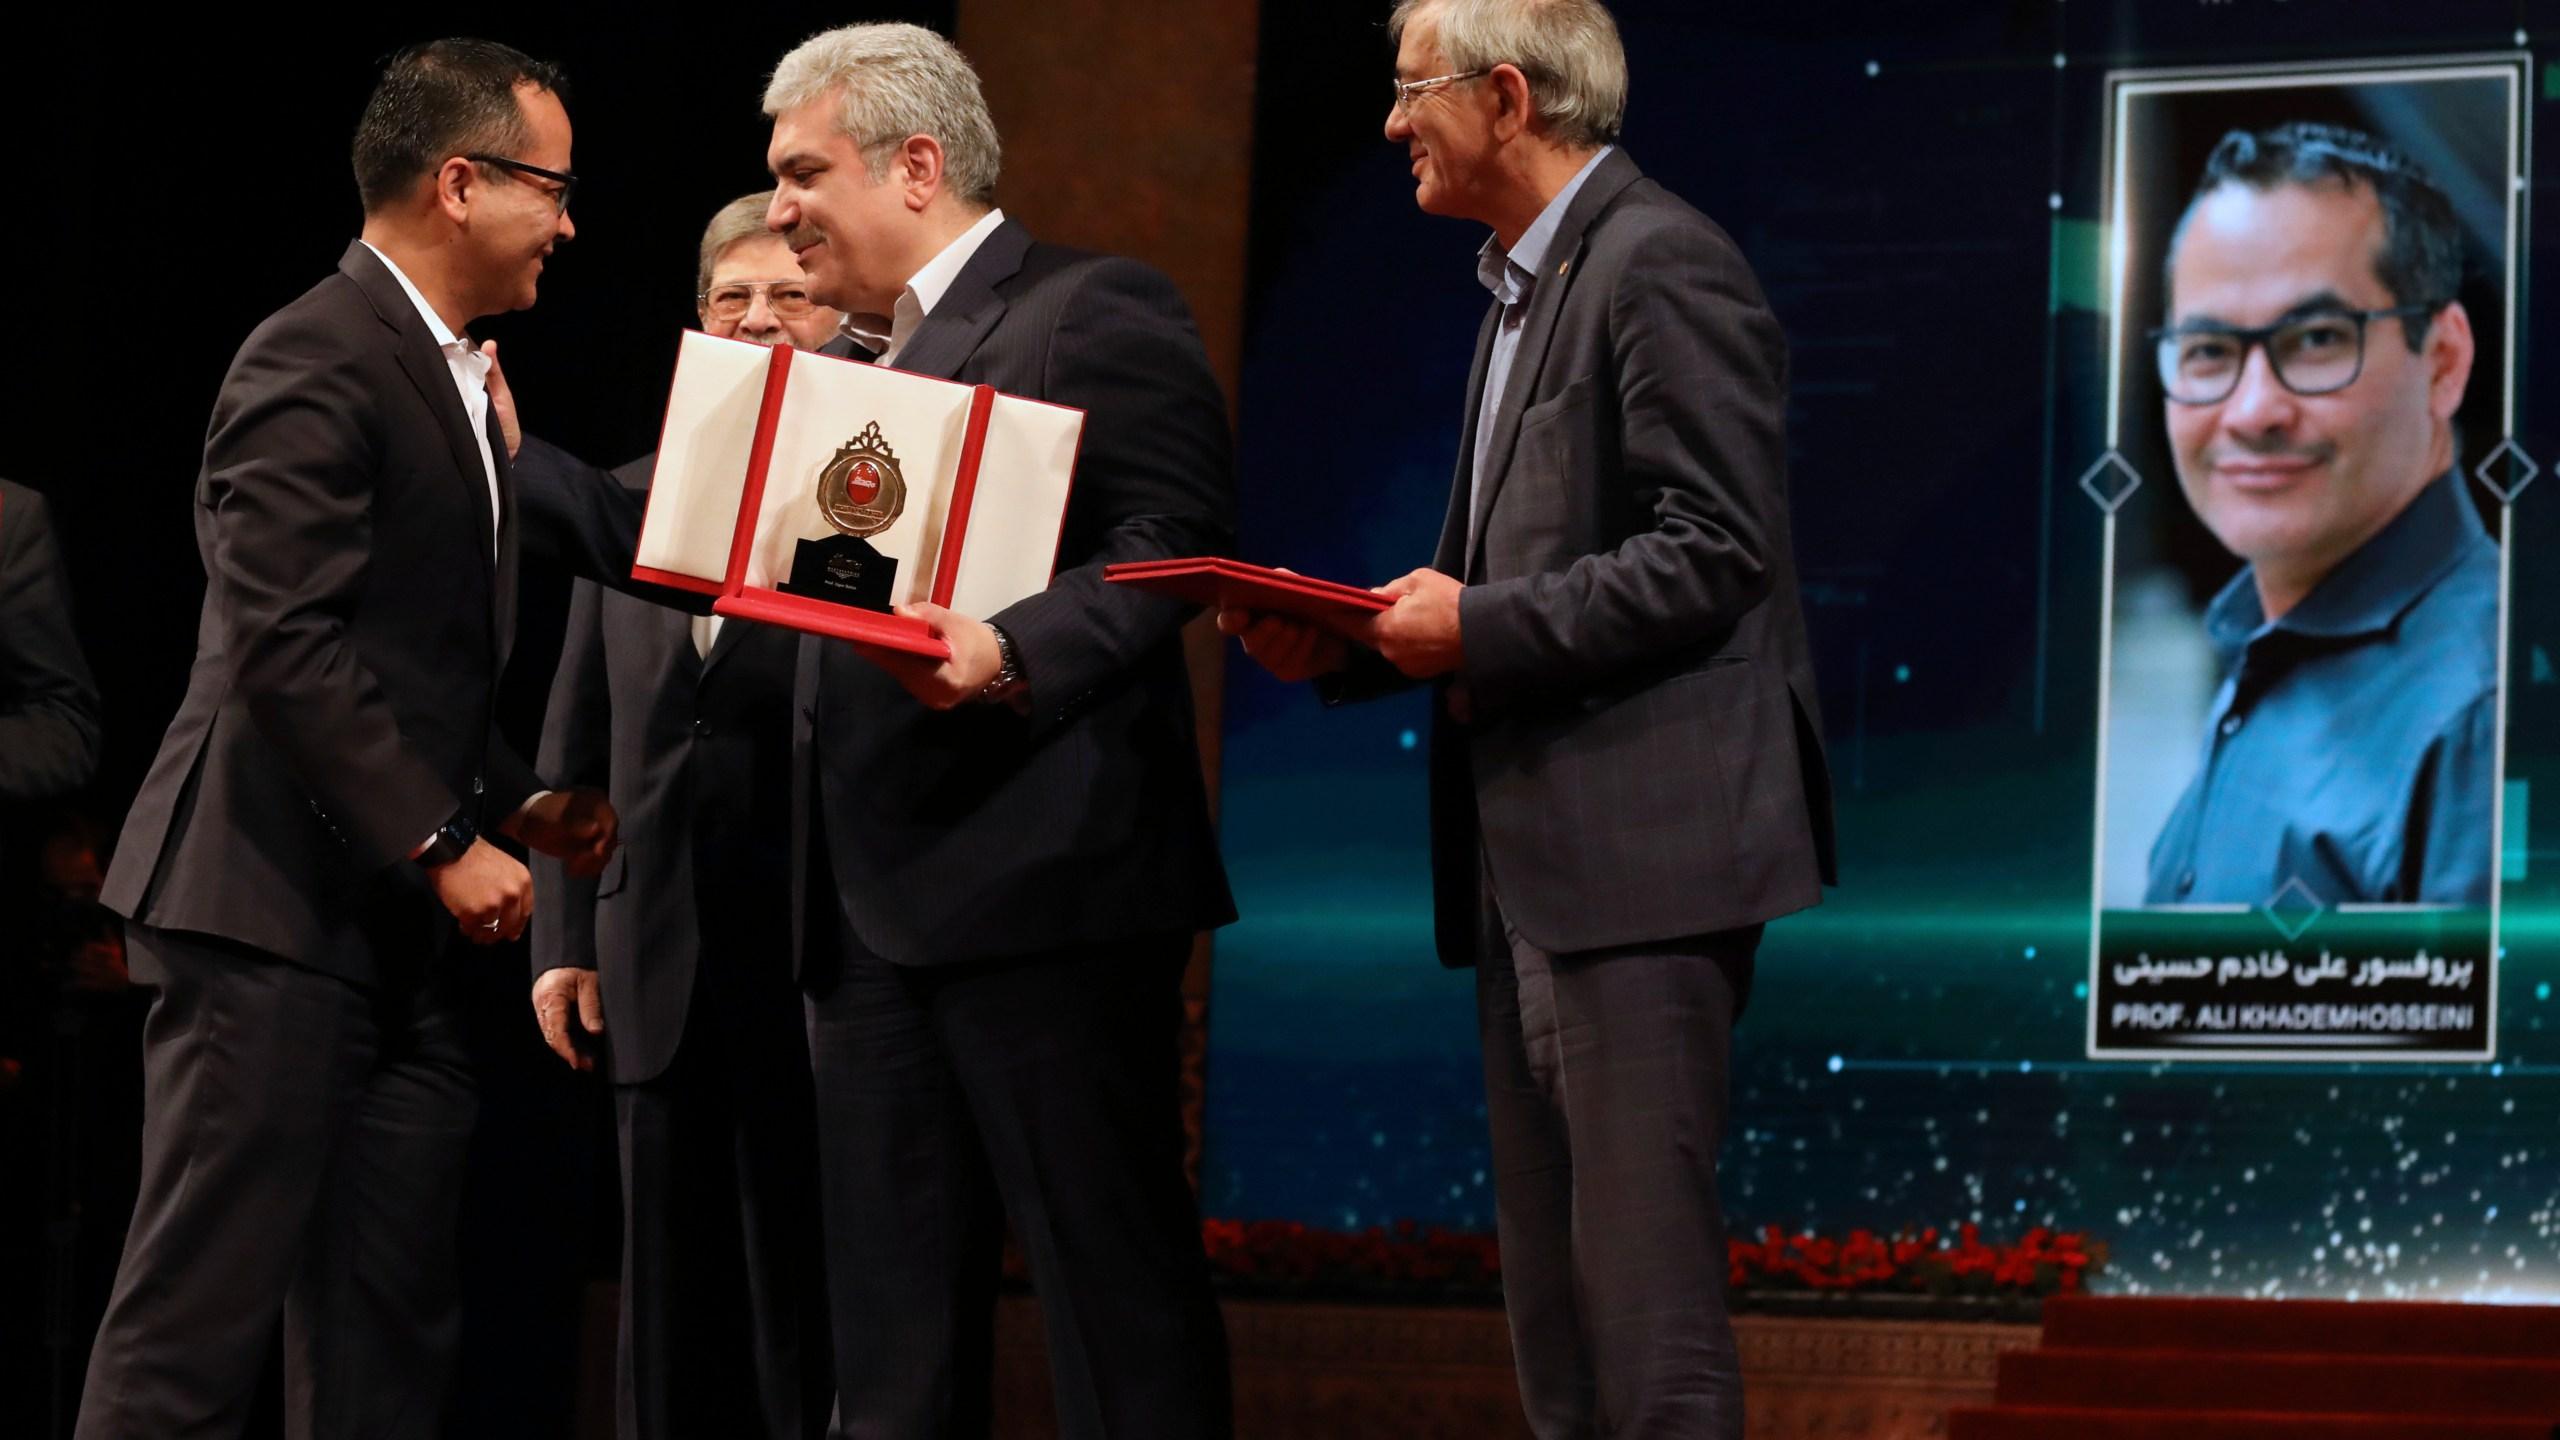 Sourena Sattari, Ali Khademhosseini